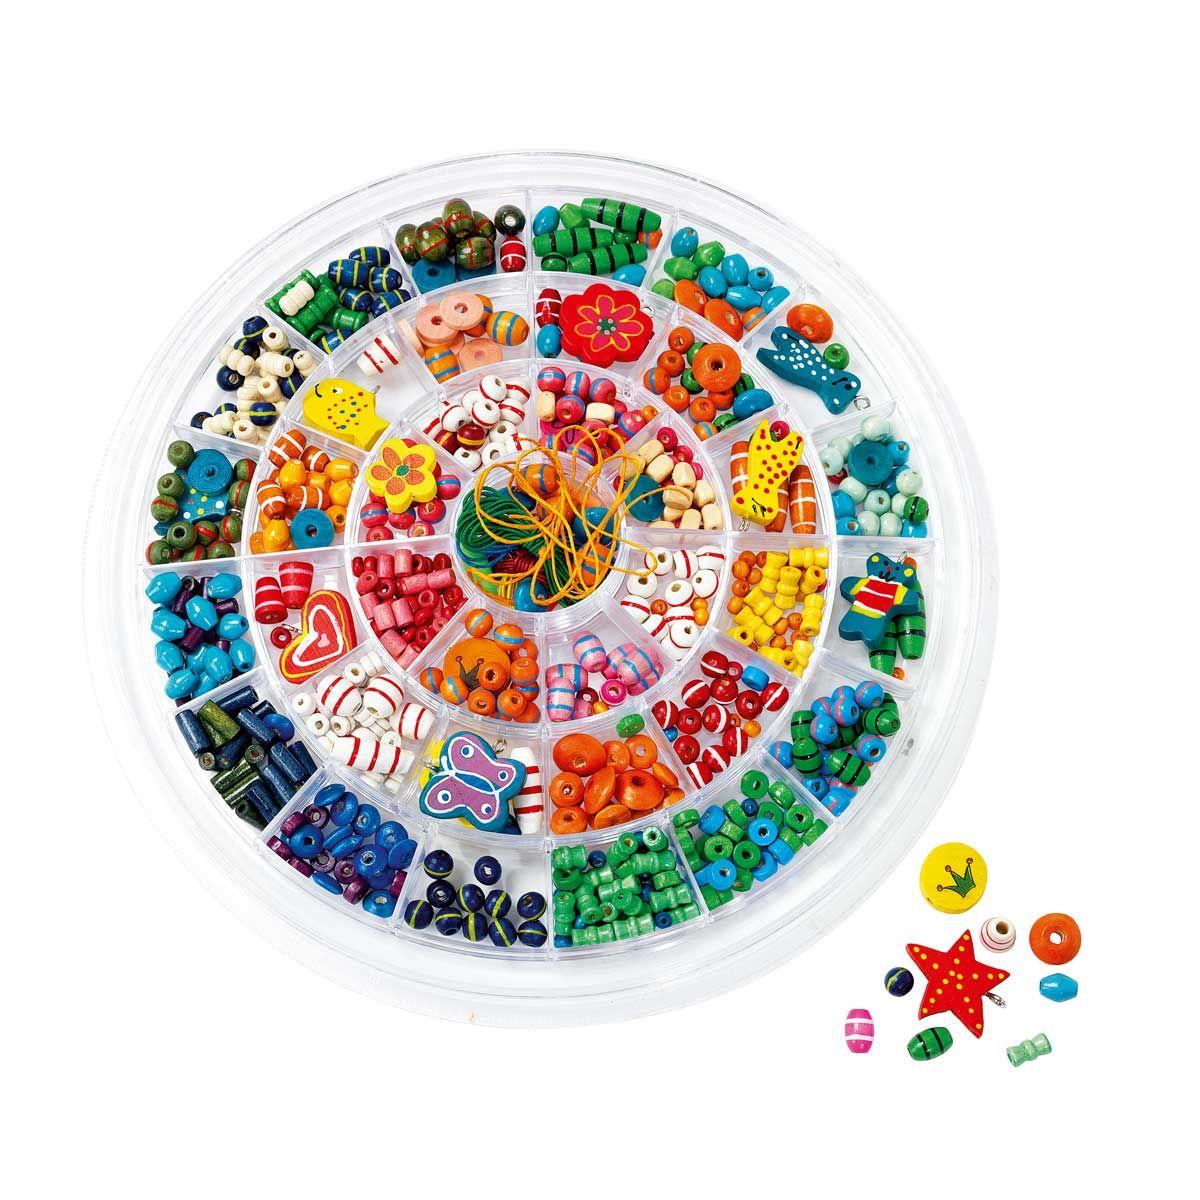 ronde des perles en bois oxybul pour enfant de 5 ans 8 ans oxybul veil et jeux kids. Black Bedroom Furniture Sets. Home Design Ideas